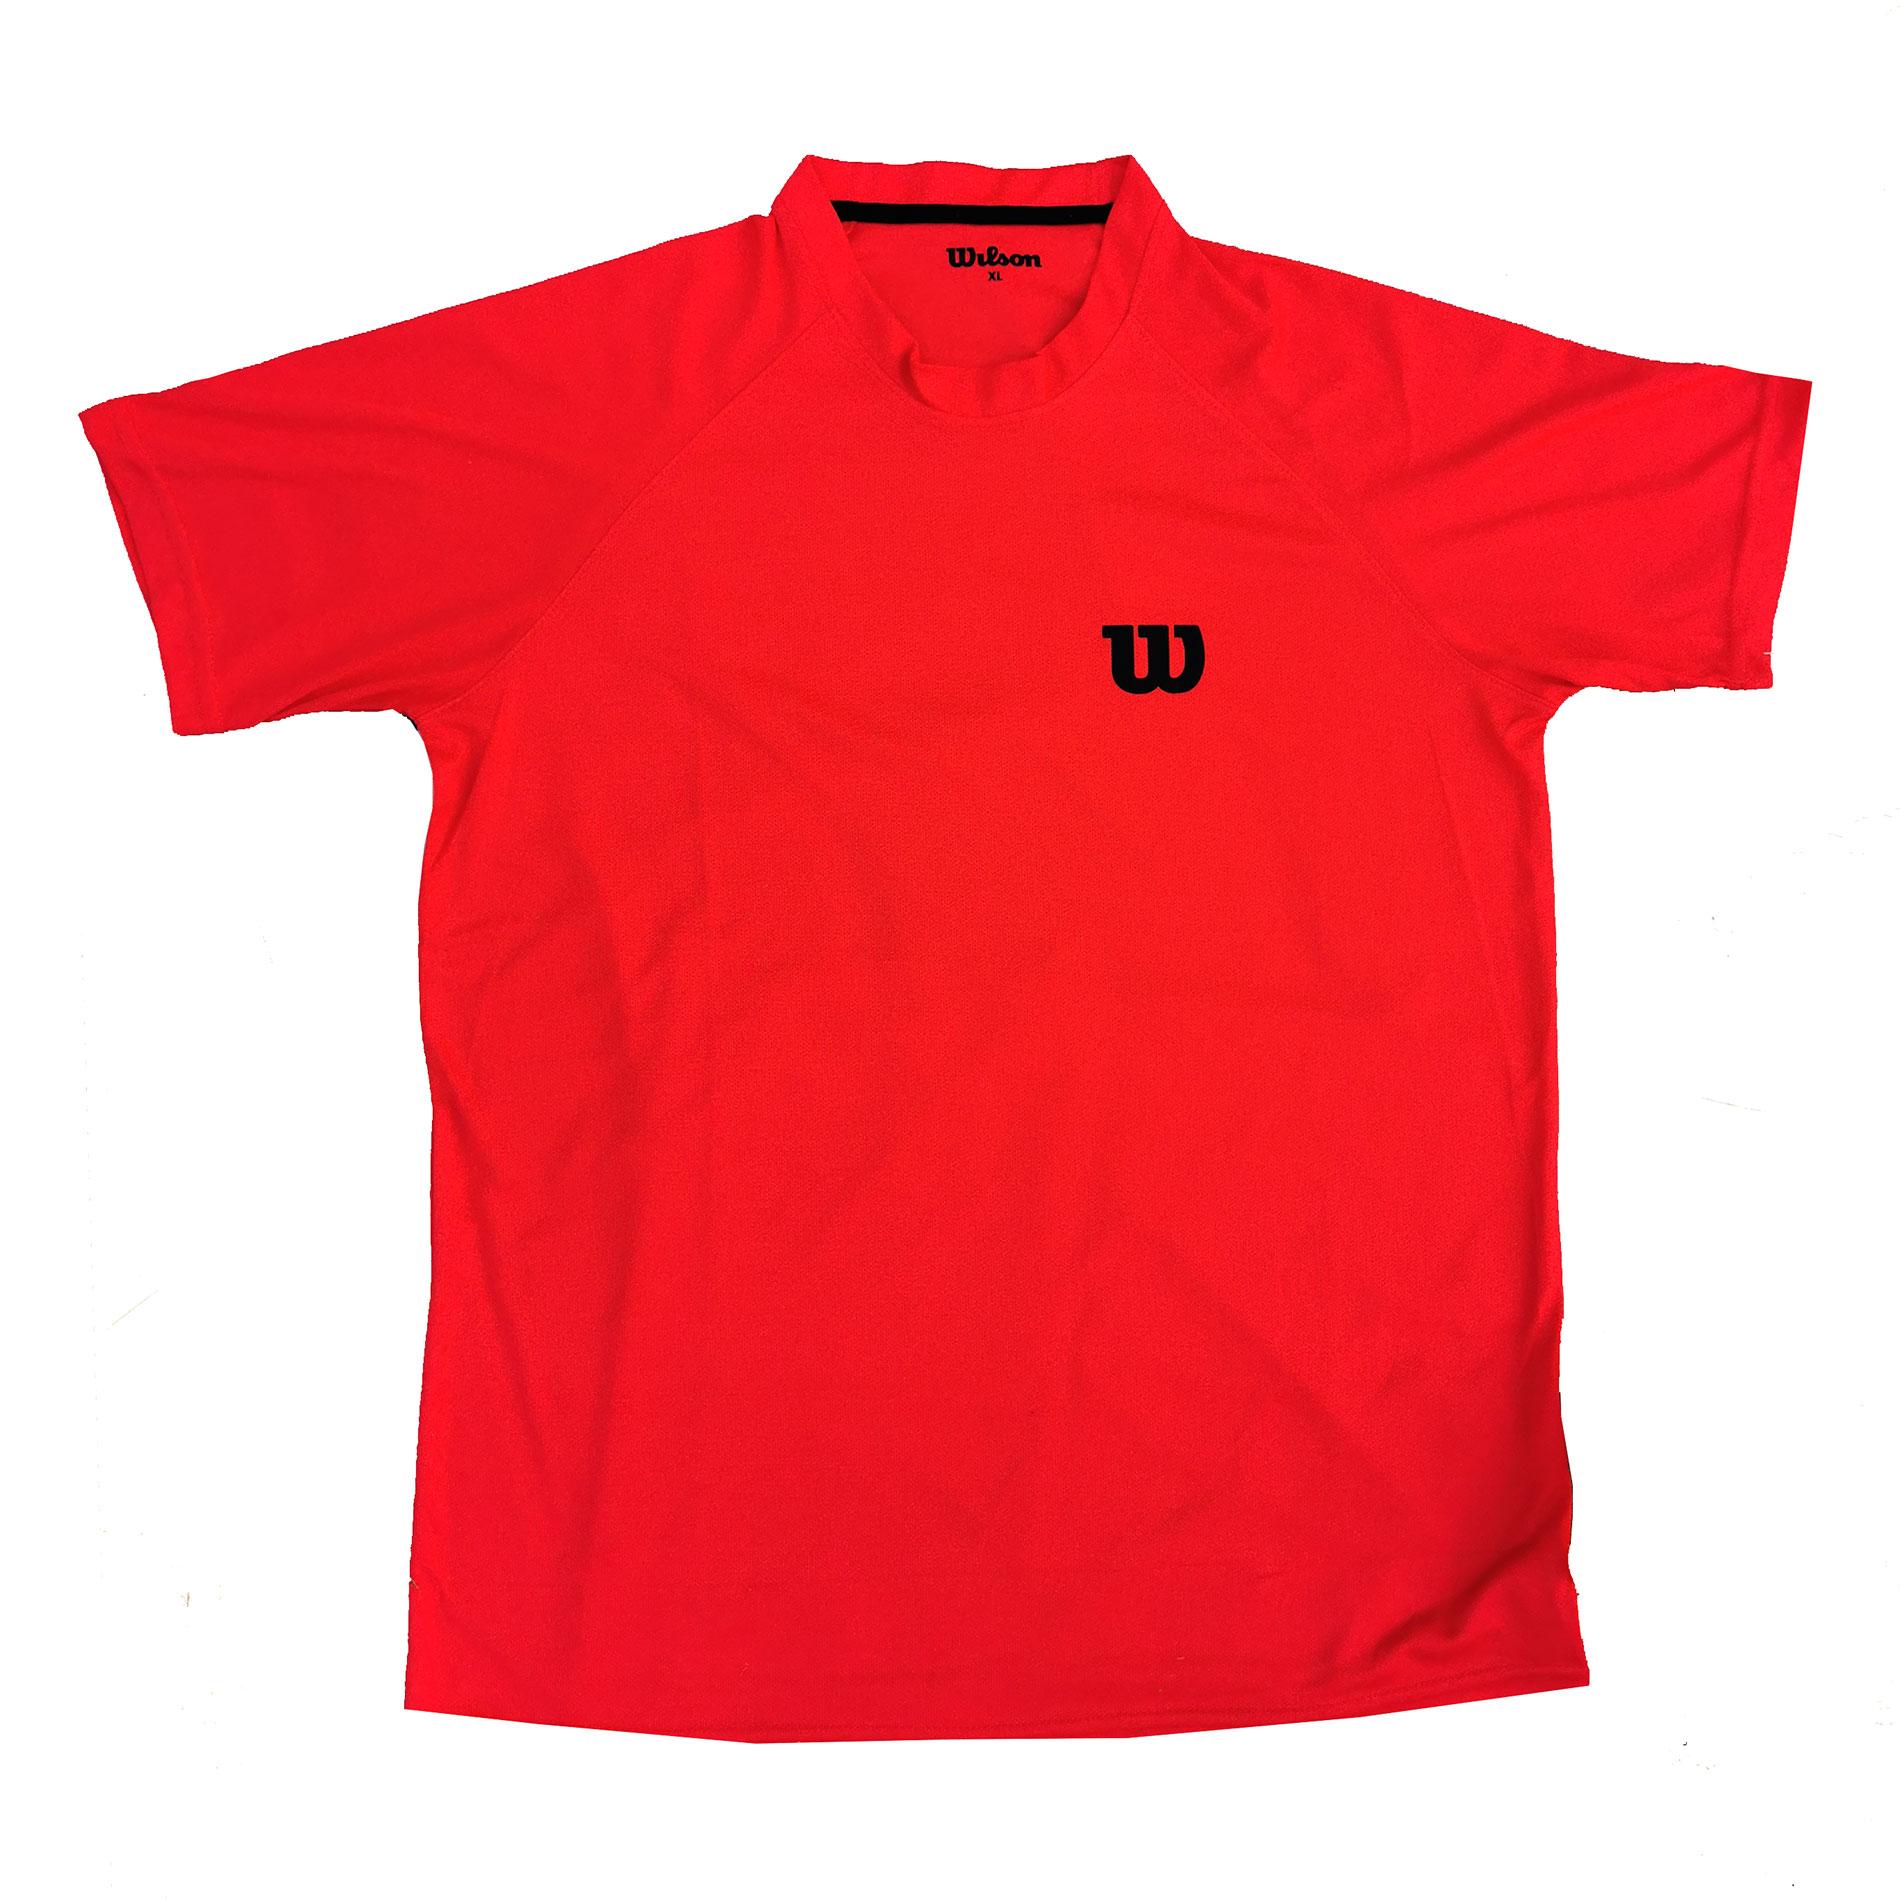 تیشرت آستین کوتاه مردانه ویلسون مدل ریتا کد 2